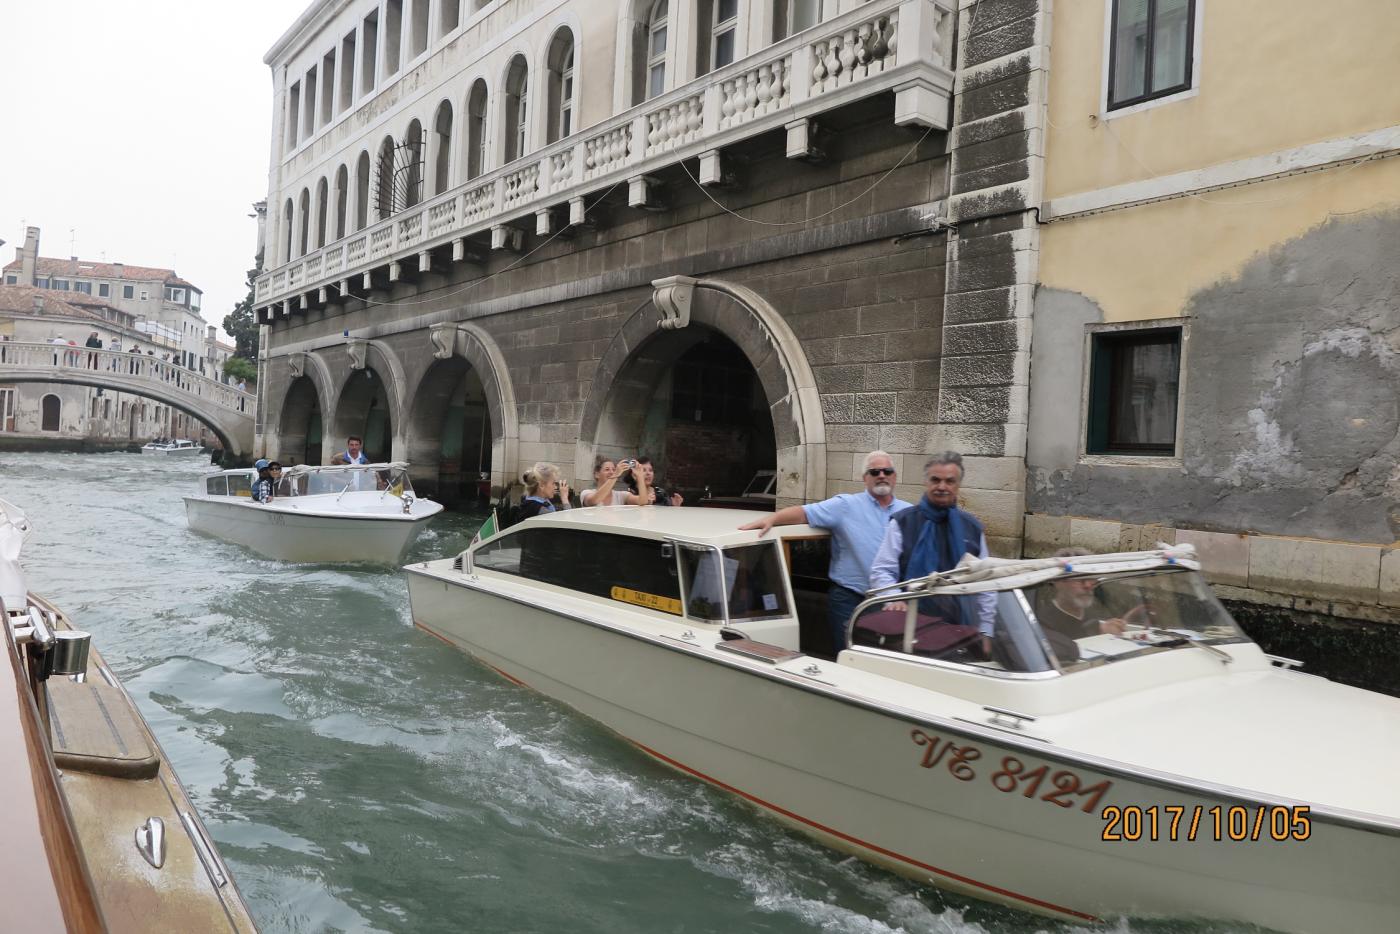 水乡威尼斯:无限的魅力永久的回忆_图1-47